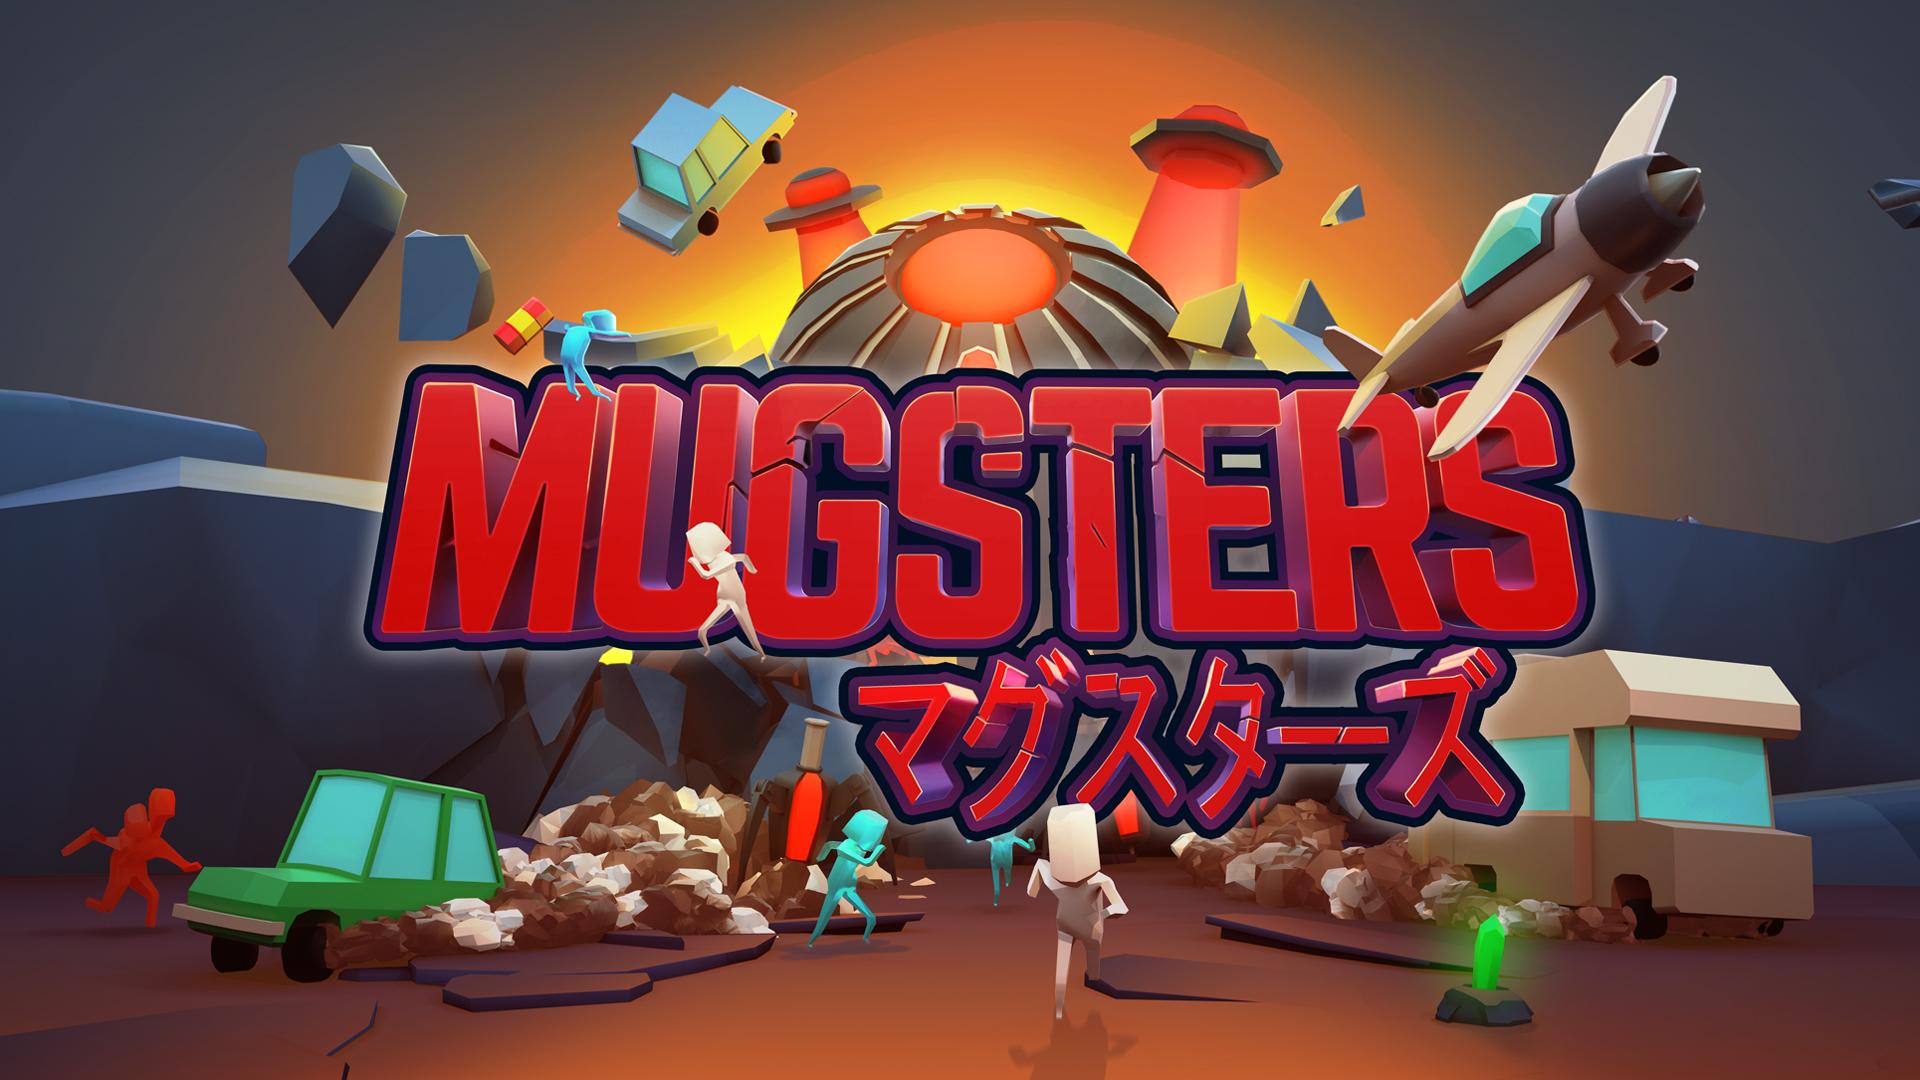 ソフト/mugsters - switchsoft @ ウィキ - アットウィキ